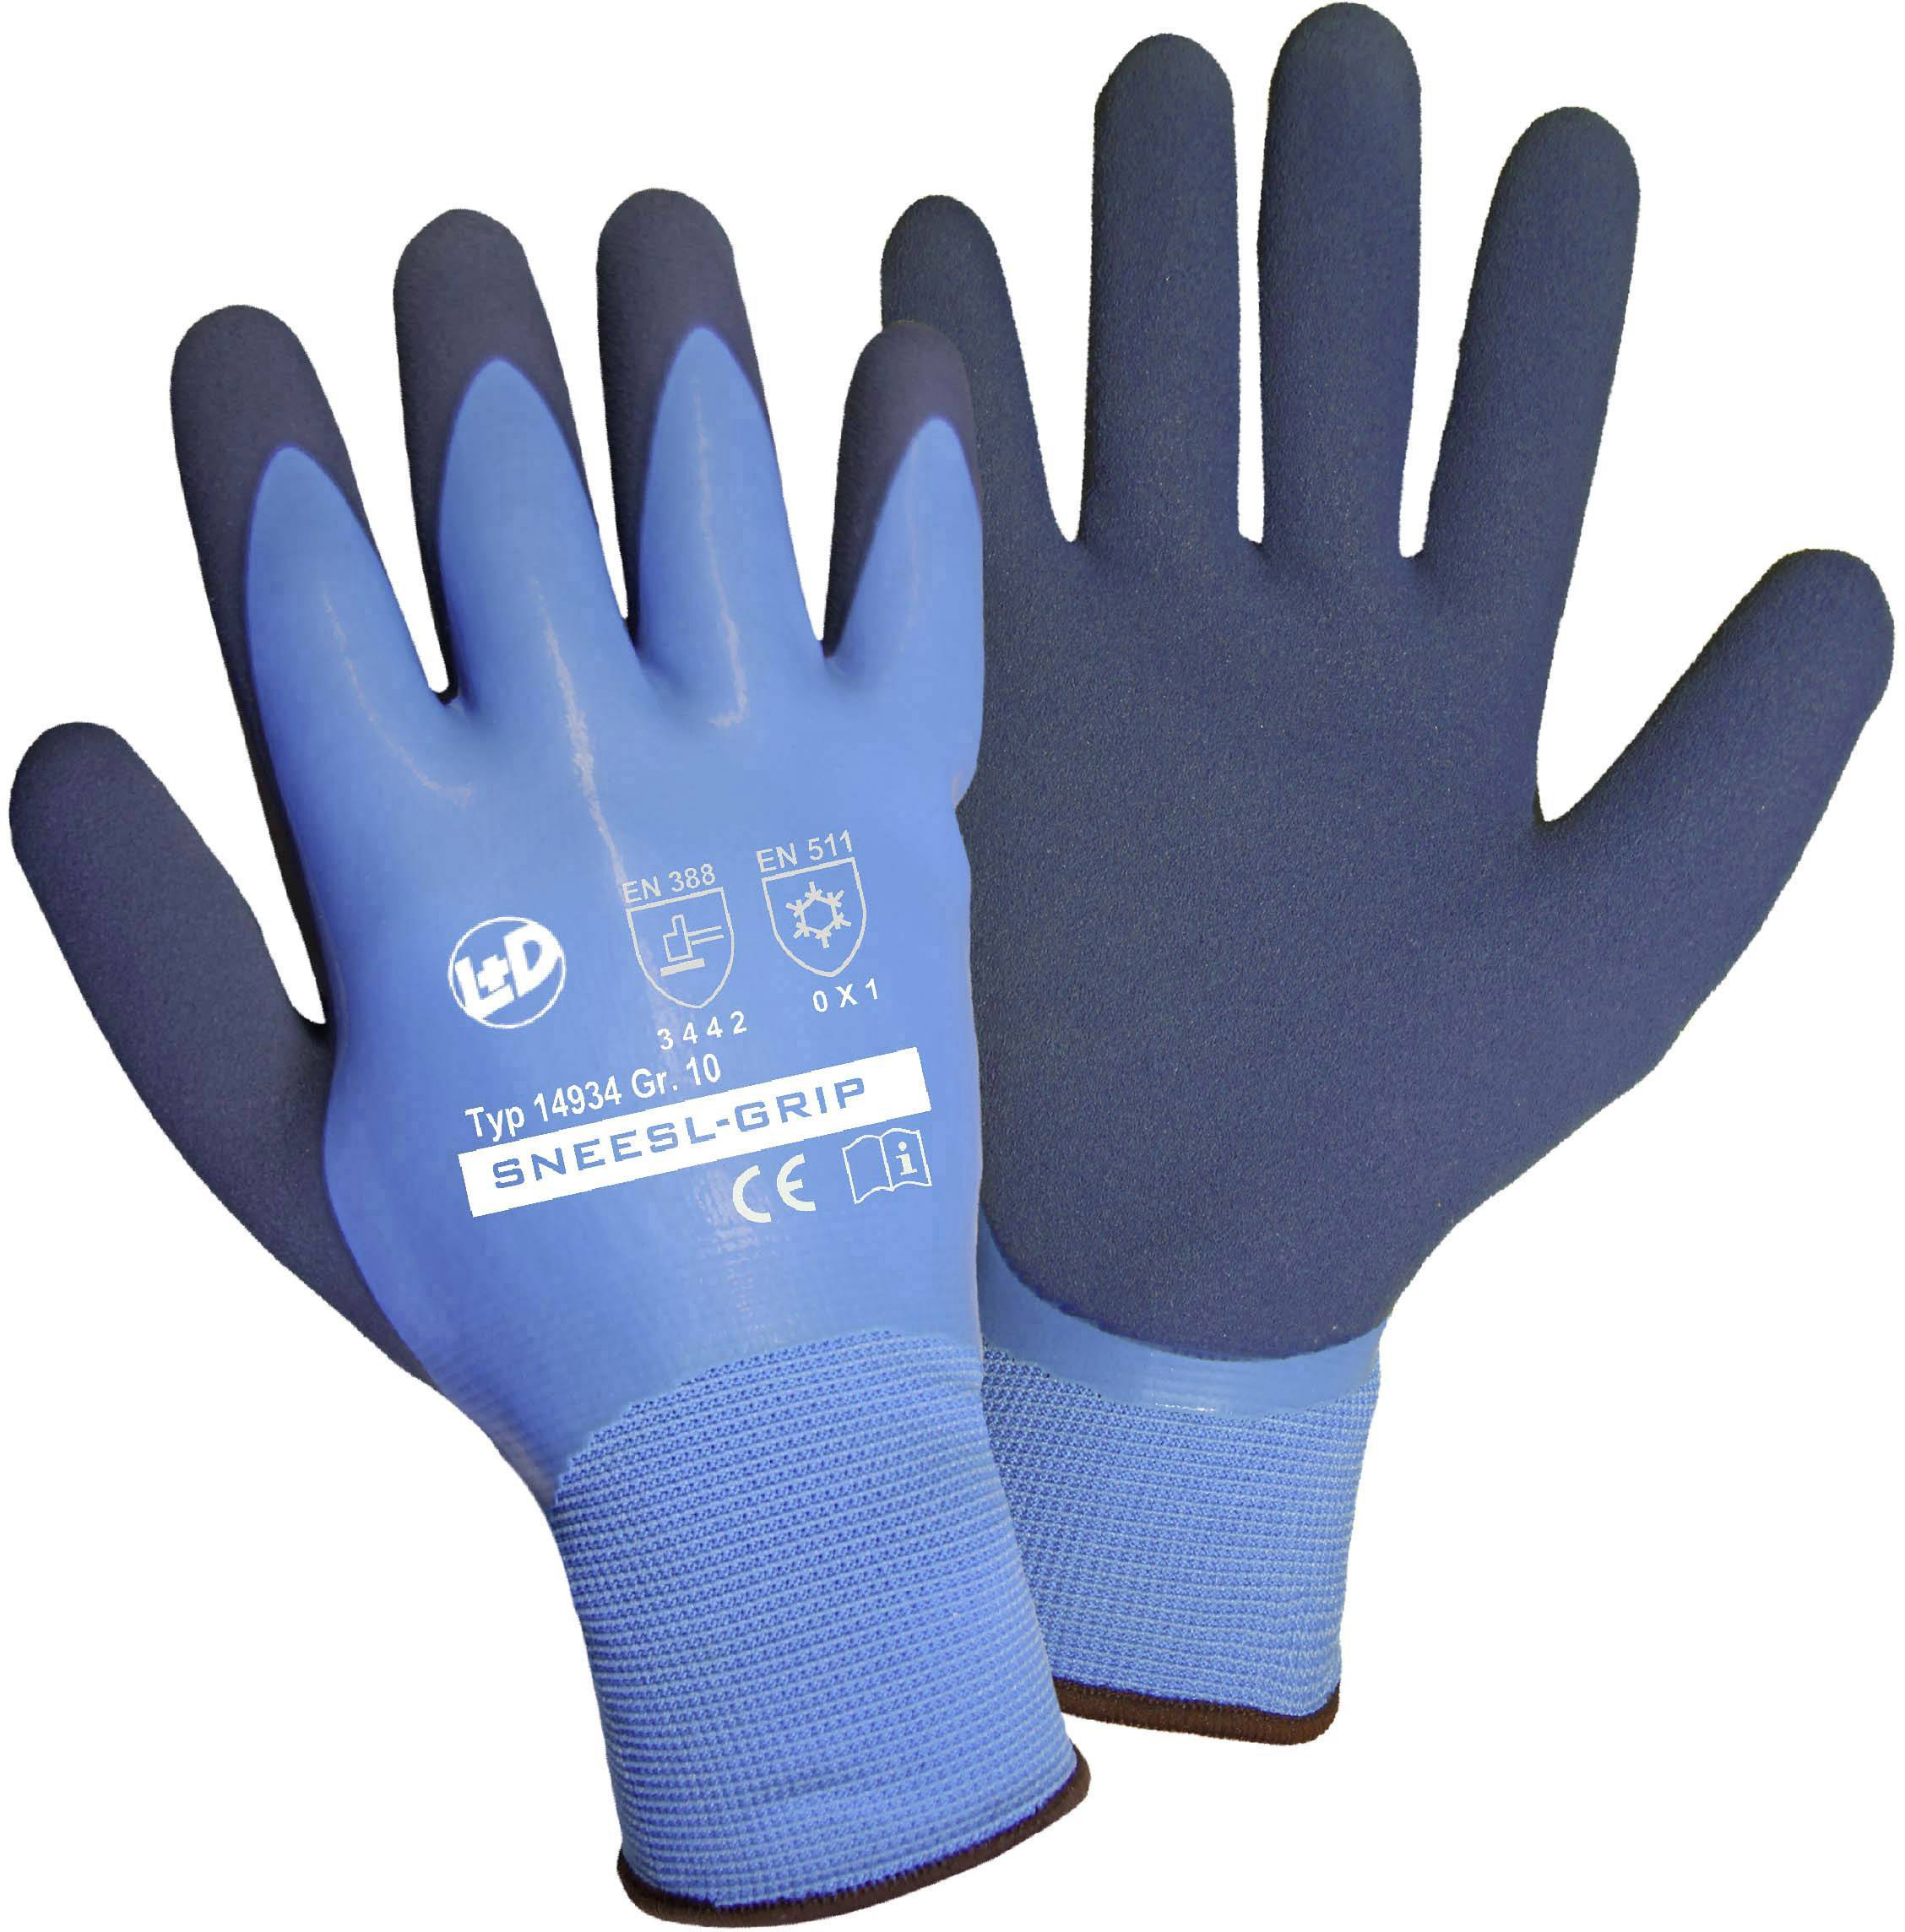 Pracovní rukavice Griffy SNEESL-GRIP 14934-8, velikost rukavic: 8